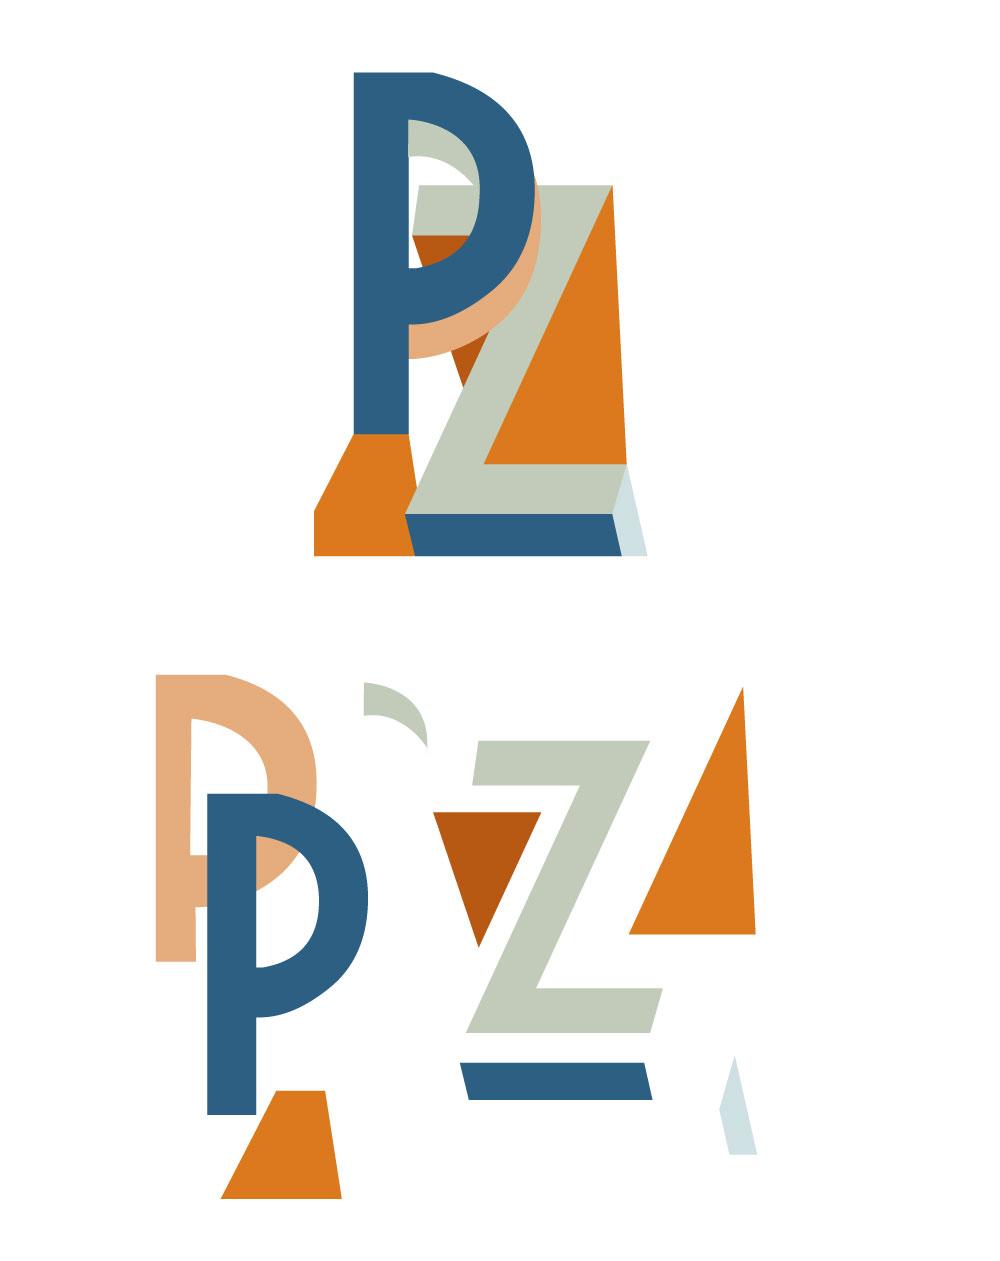 P.Z Costruzione Logo